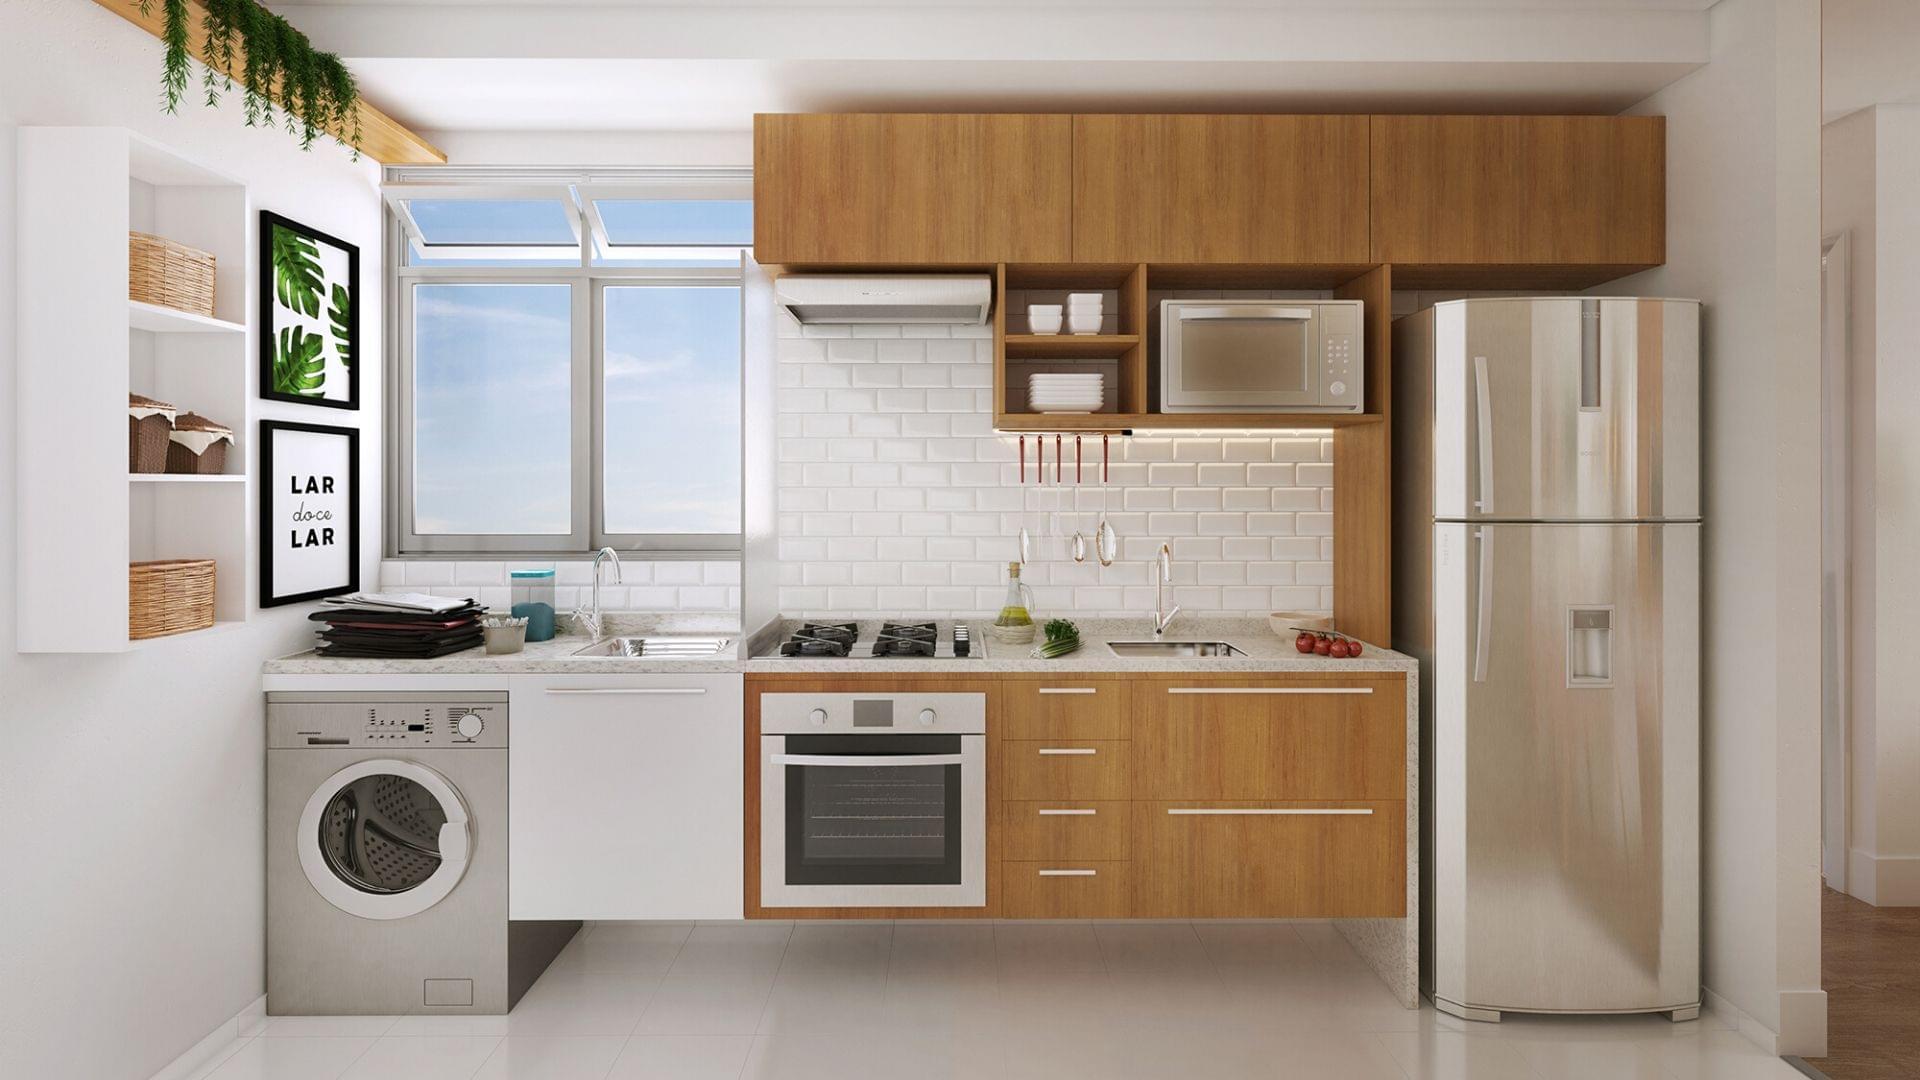 Apartamento à venda em Residencial Terra Brasilis - Praia de Itacimirim | Camaçari | BA | foto 7 | tenda.com